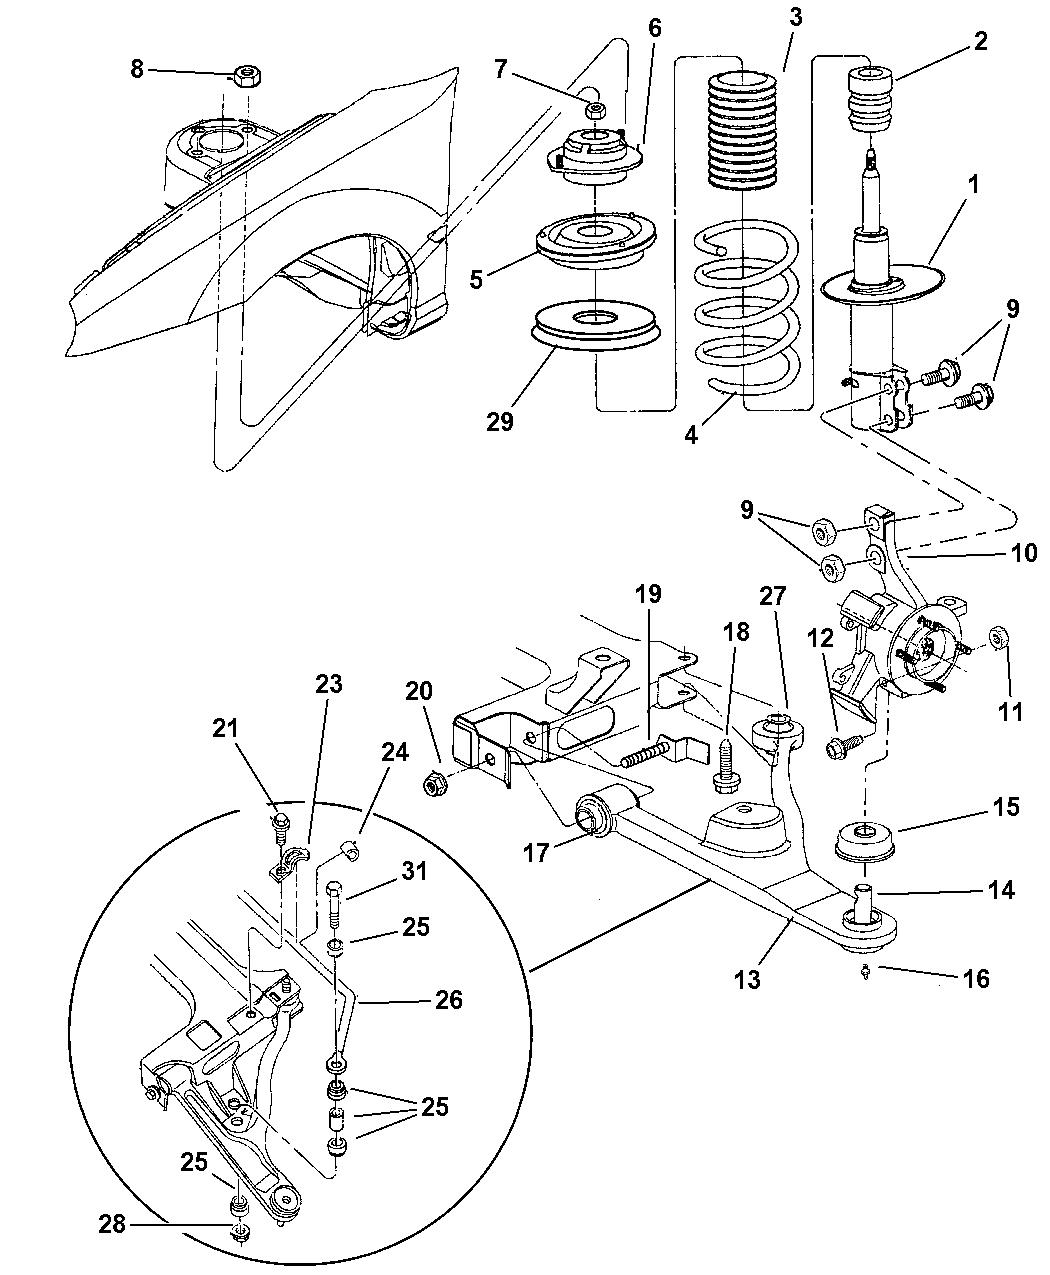 1997 Dodge Neon Suspension - Front - Mopar Parts Giant